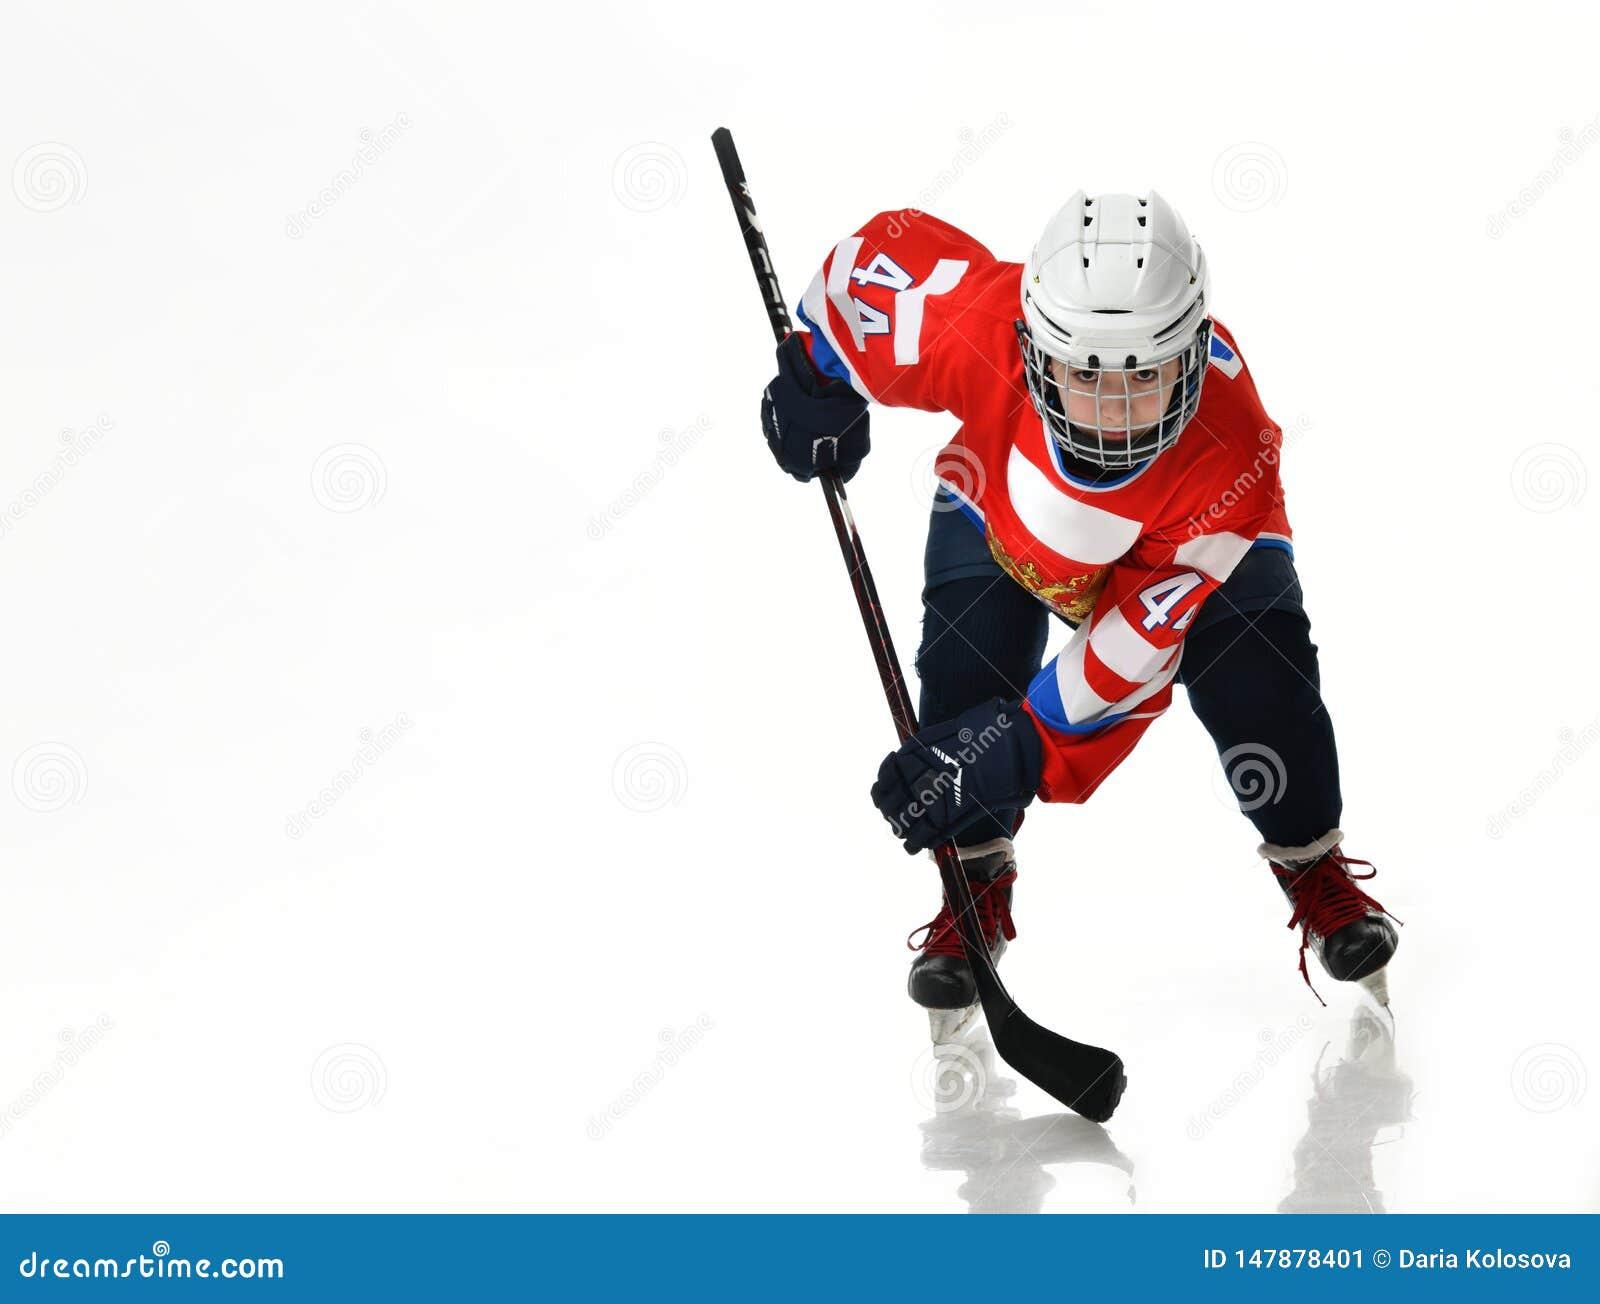 Ch?opiec gracz w hokeja w pracownianej sylwetce odizolowywaj?cej na bia?ym tle